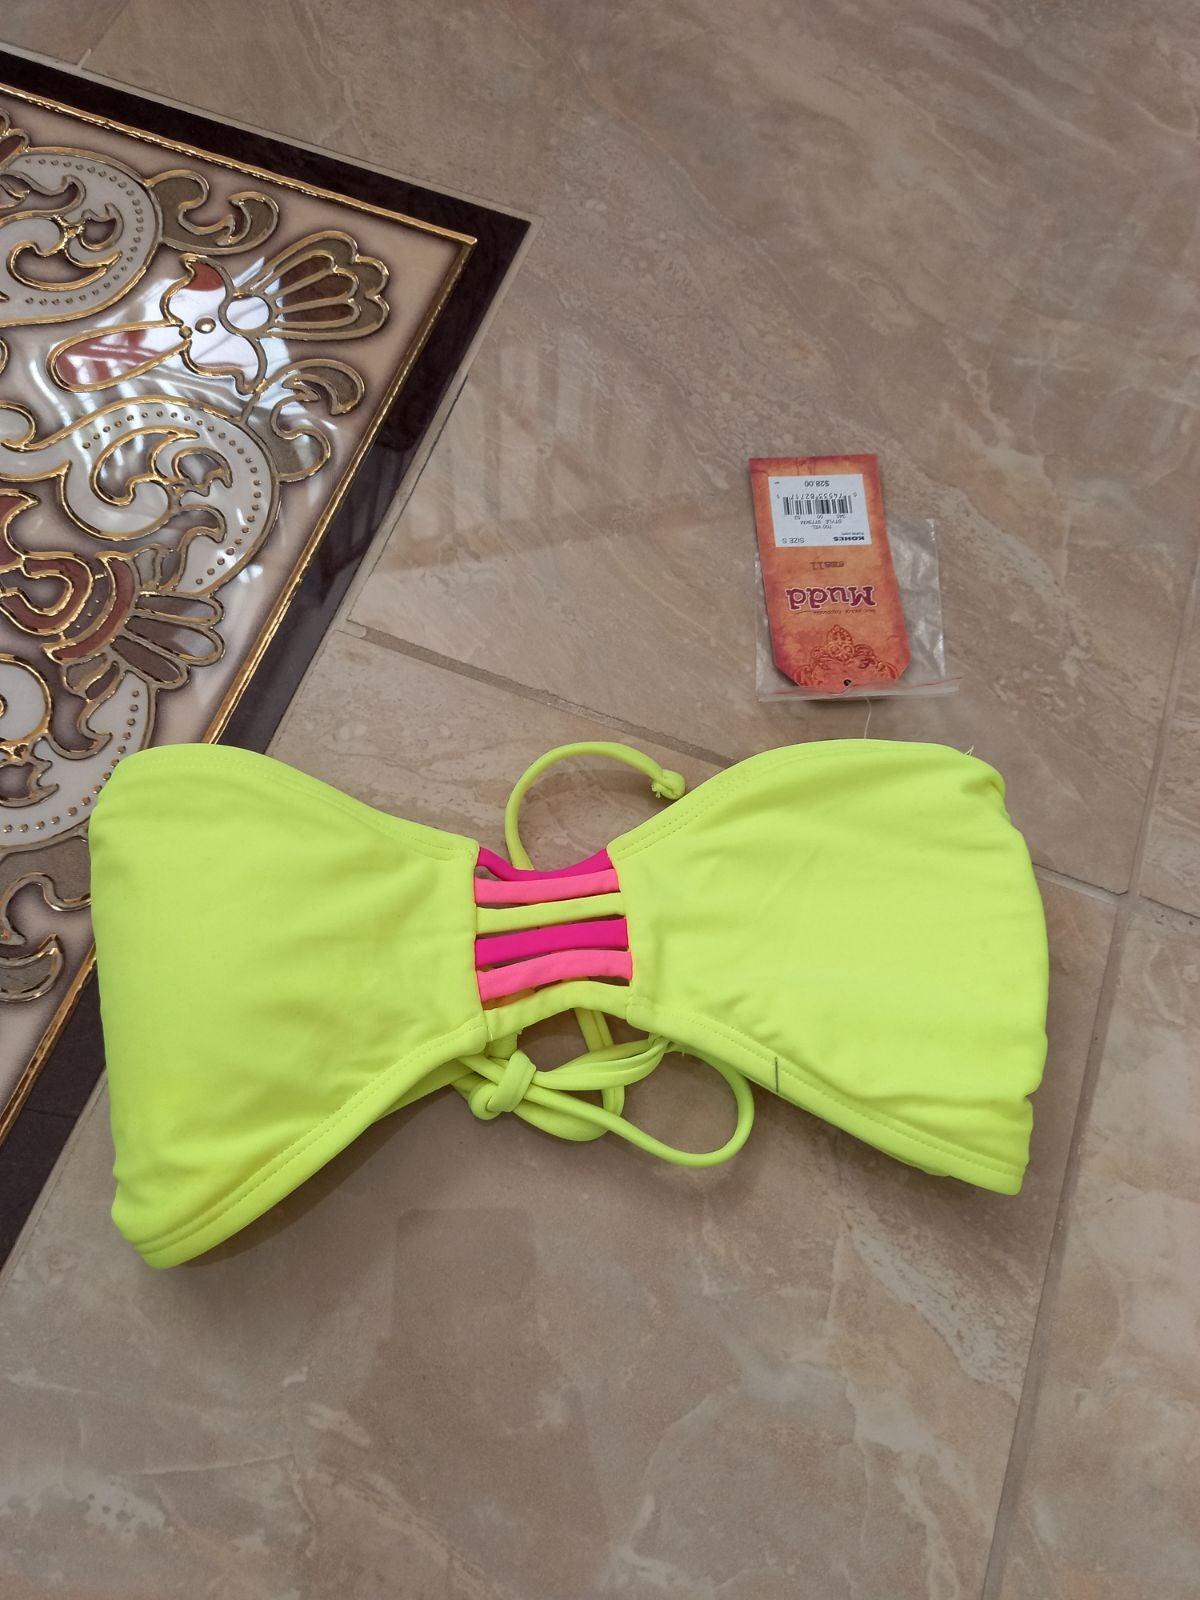 Mudd bikini top size small